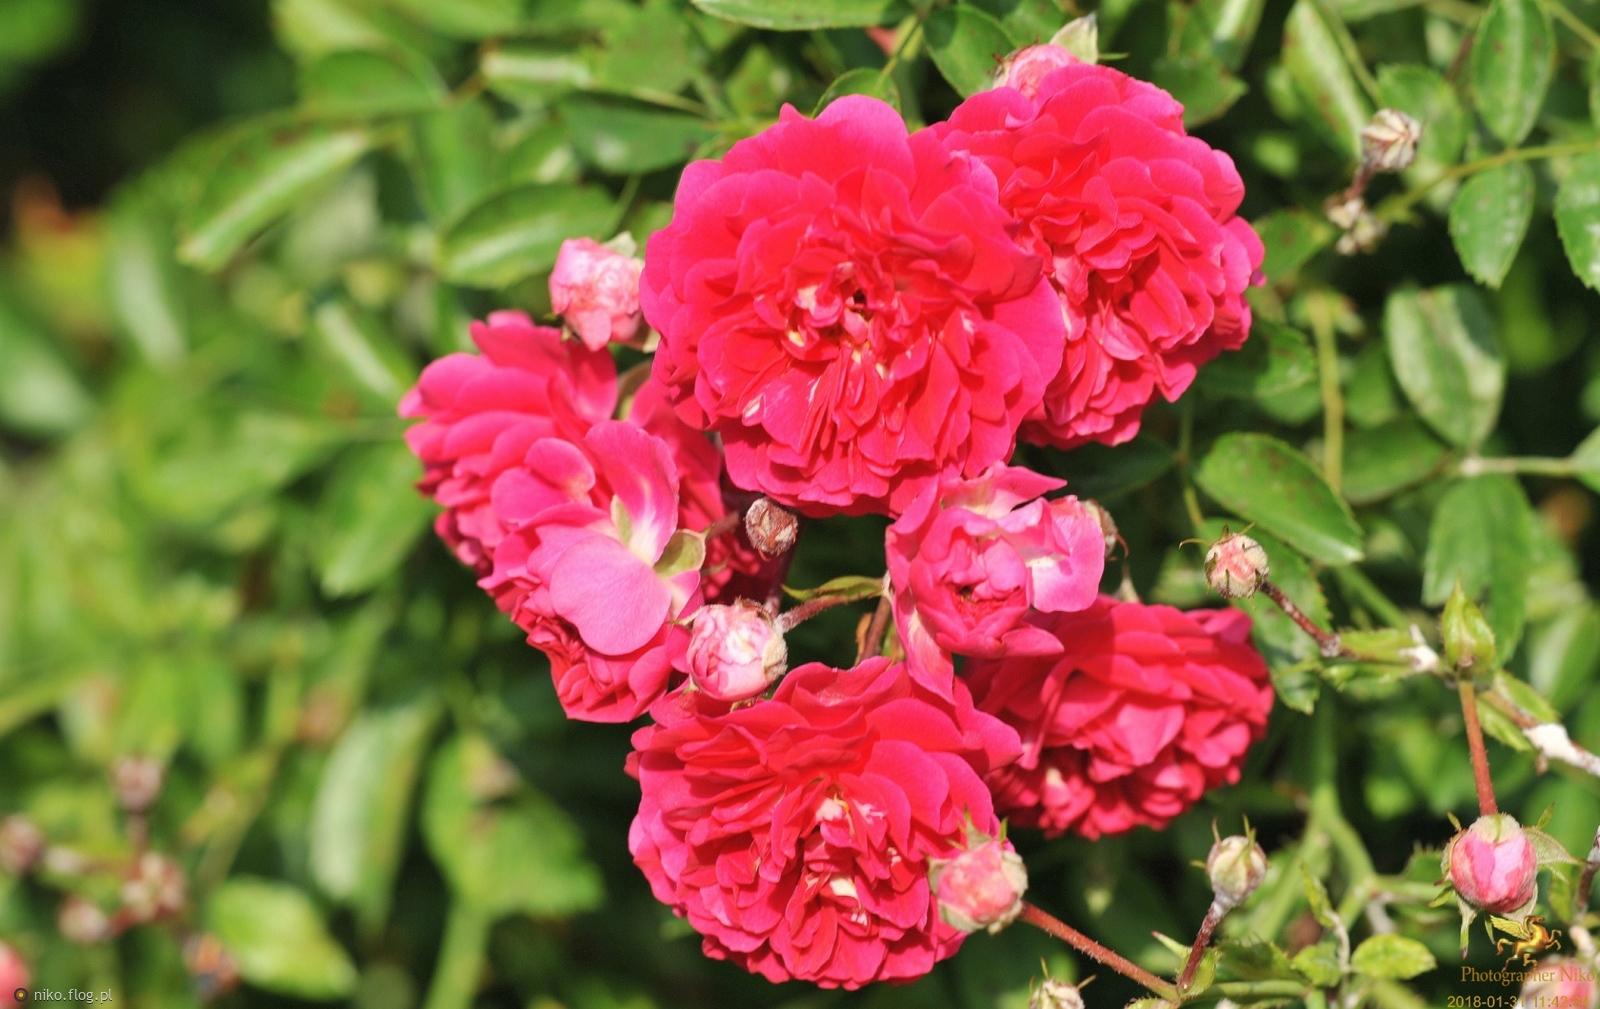 Czerwona Róża Zdjęcie Fotoblog Nikoflogpl